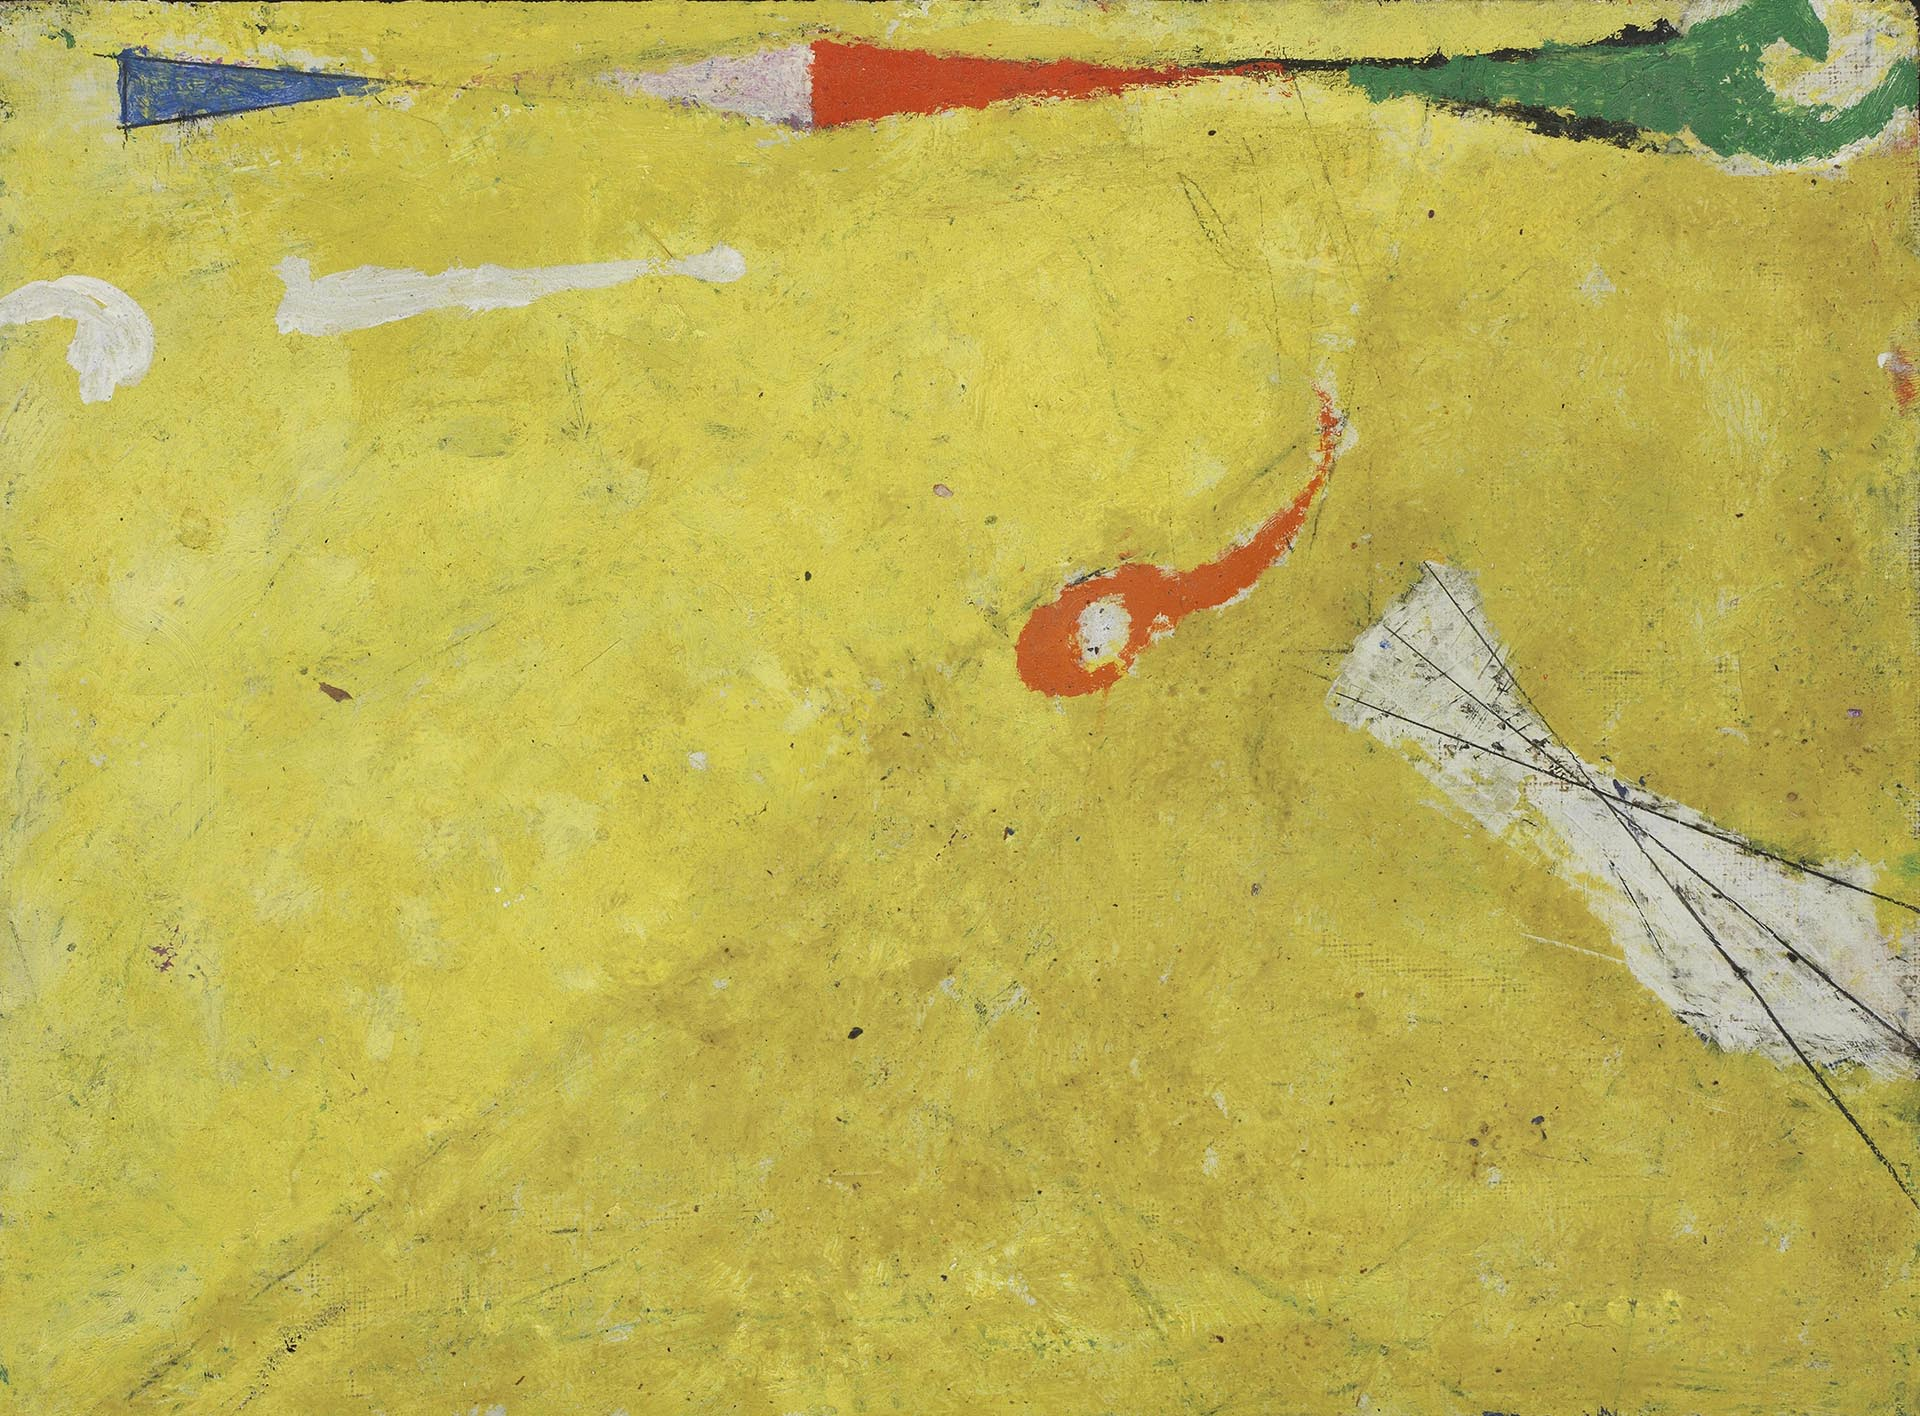 Licini_Missile-su-fondo-giallo_1954_273x36-cm